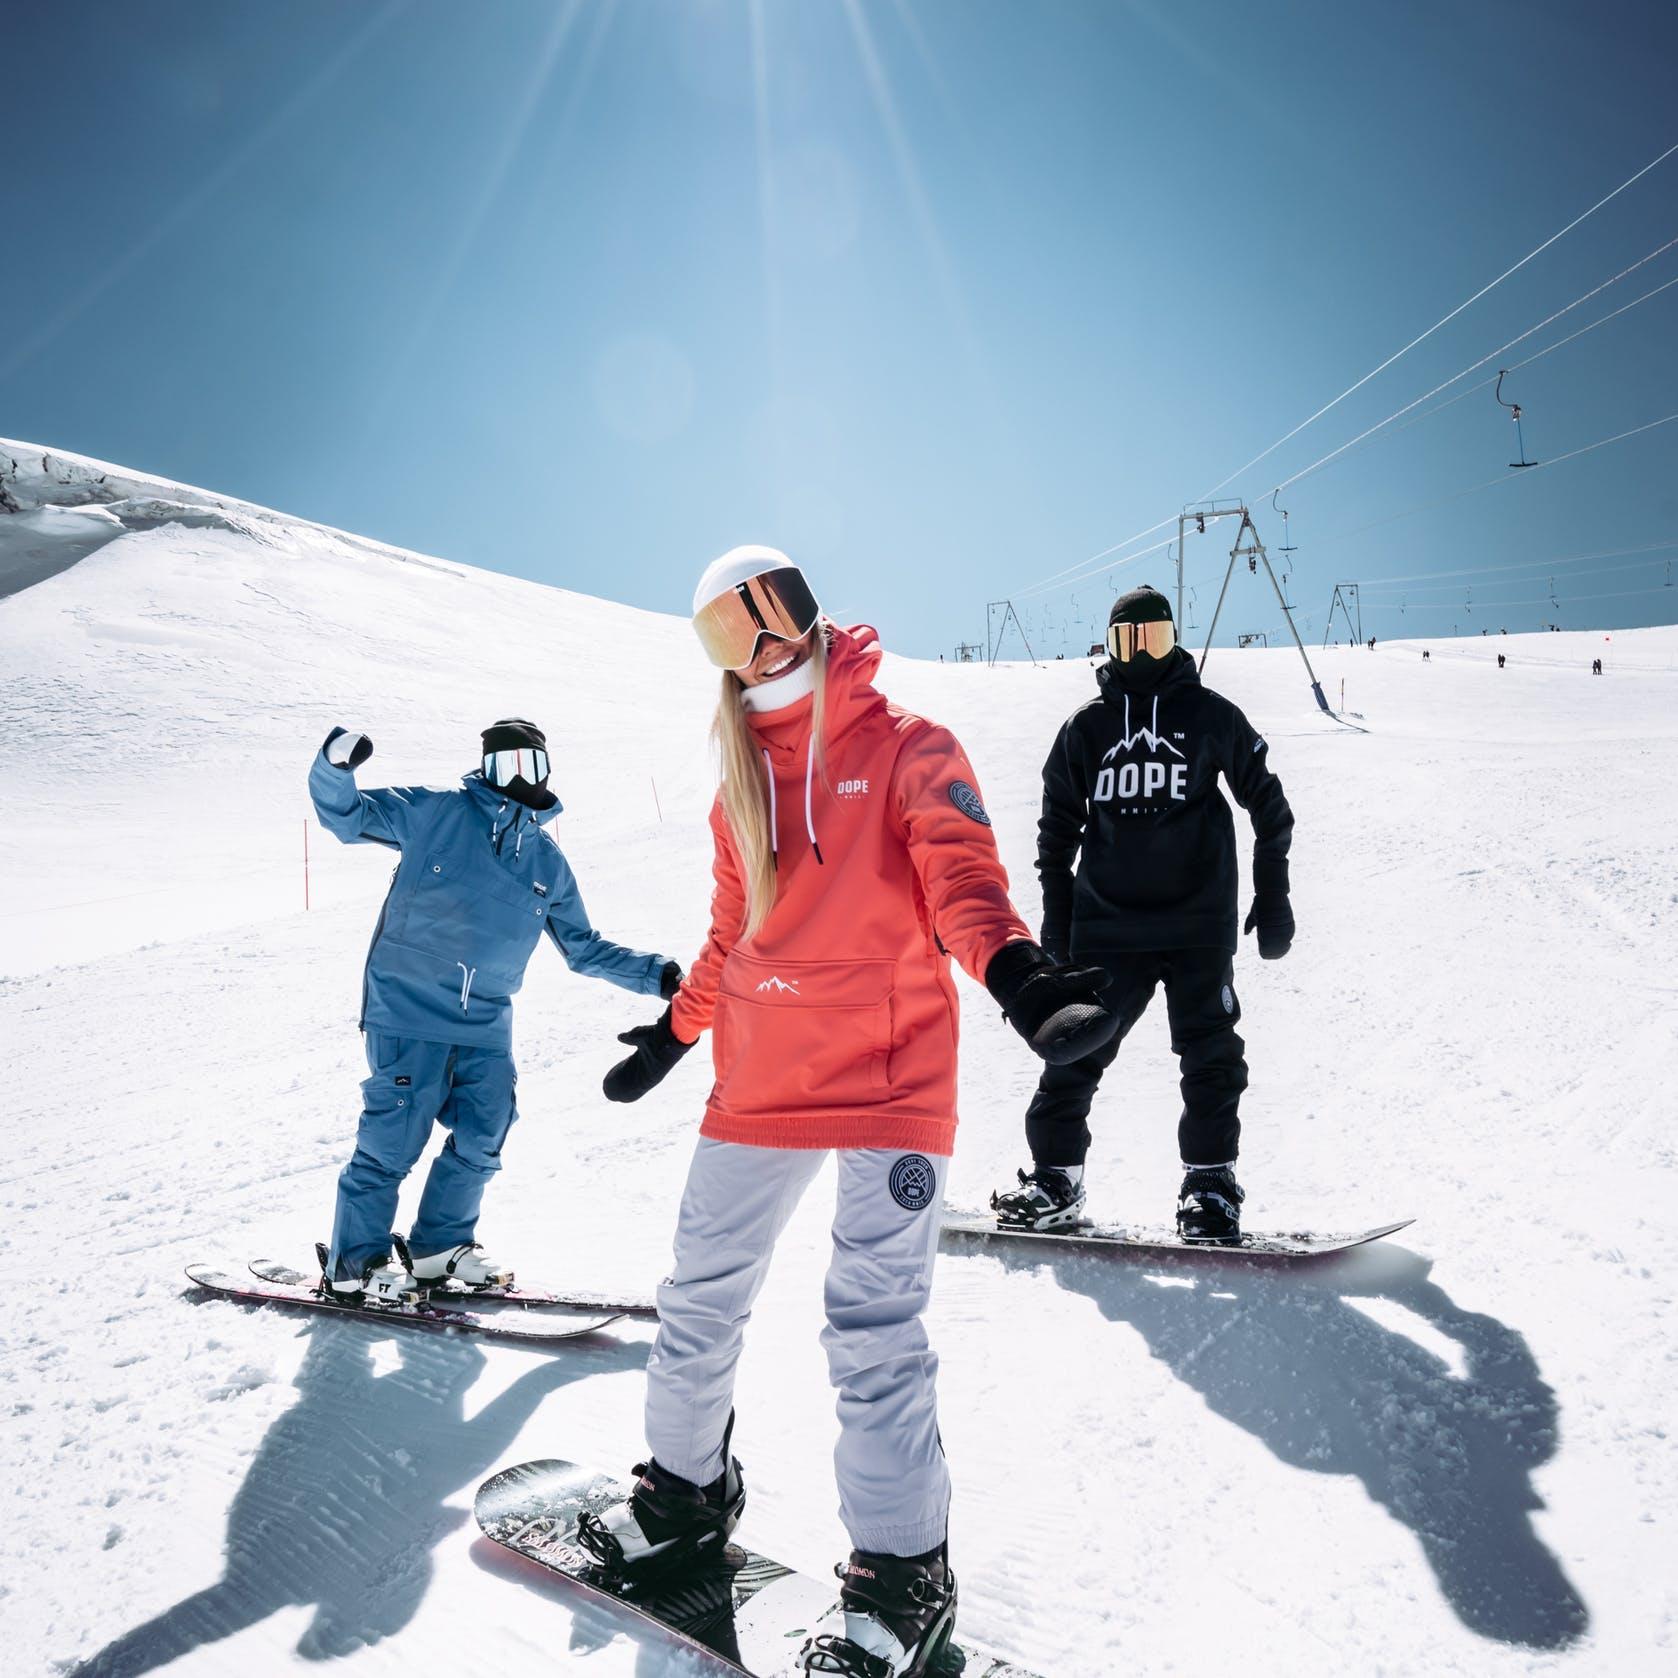 http-wordpress-604950-1959020cloudwaysappscom-wp-content-uploads-2021-04-best-family-ski-resorts-in-europe-ridestore-magazine